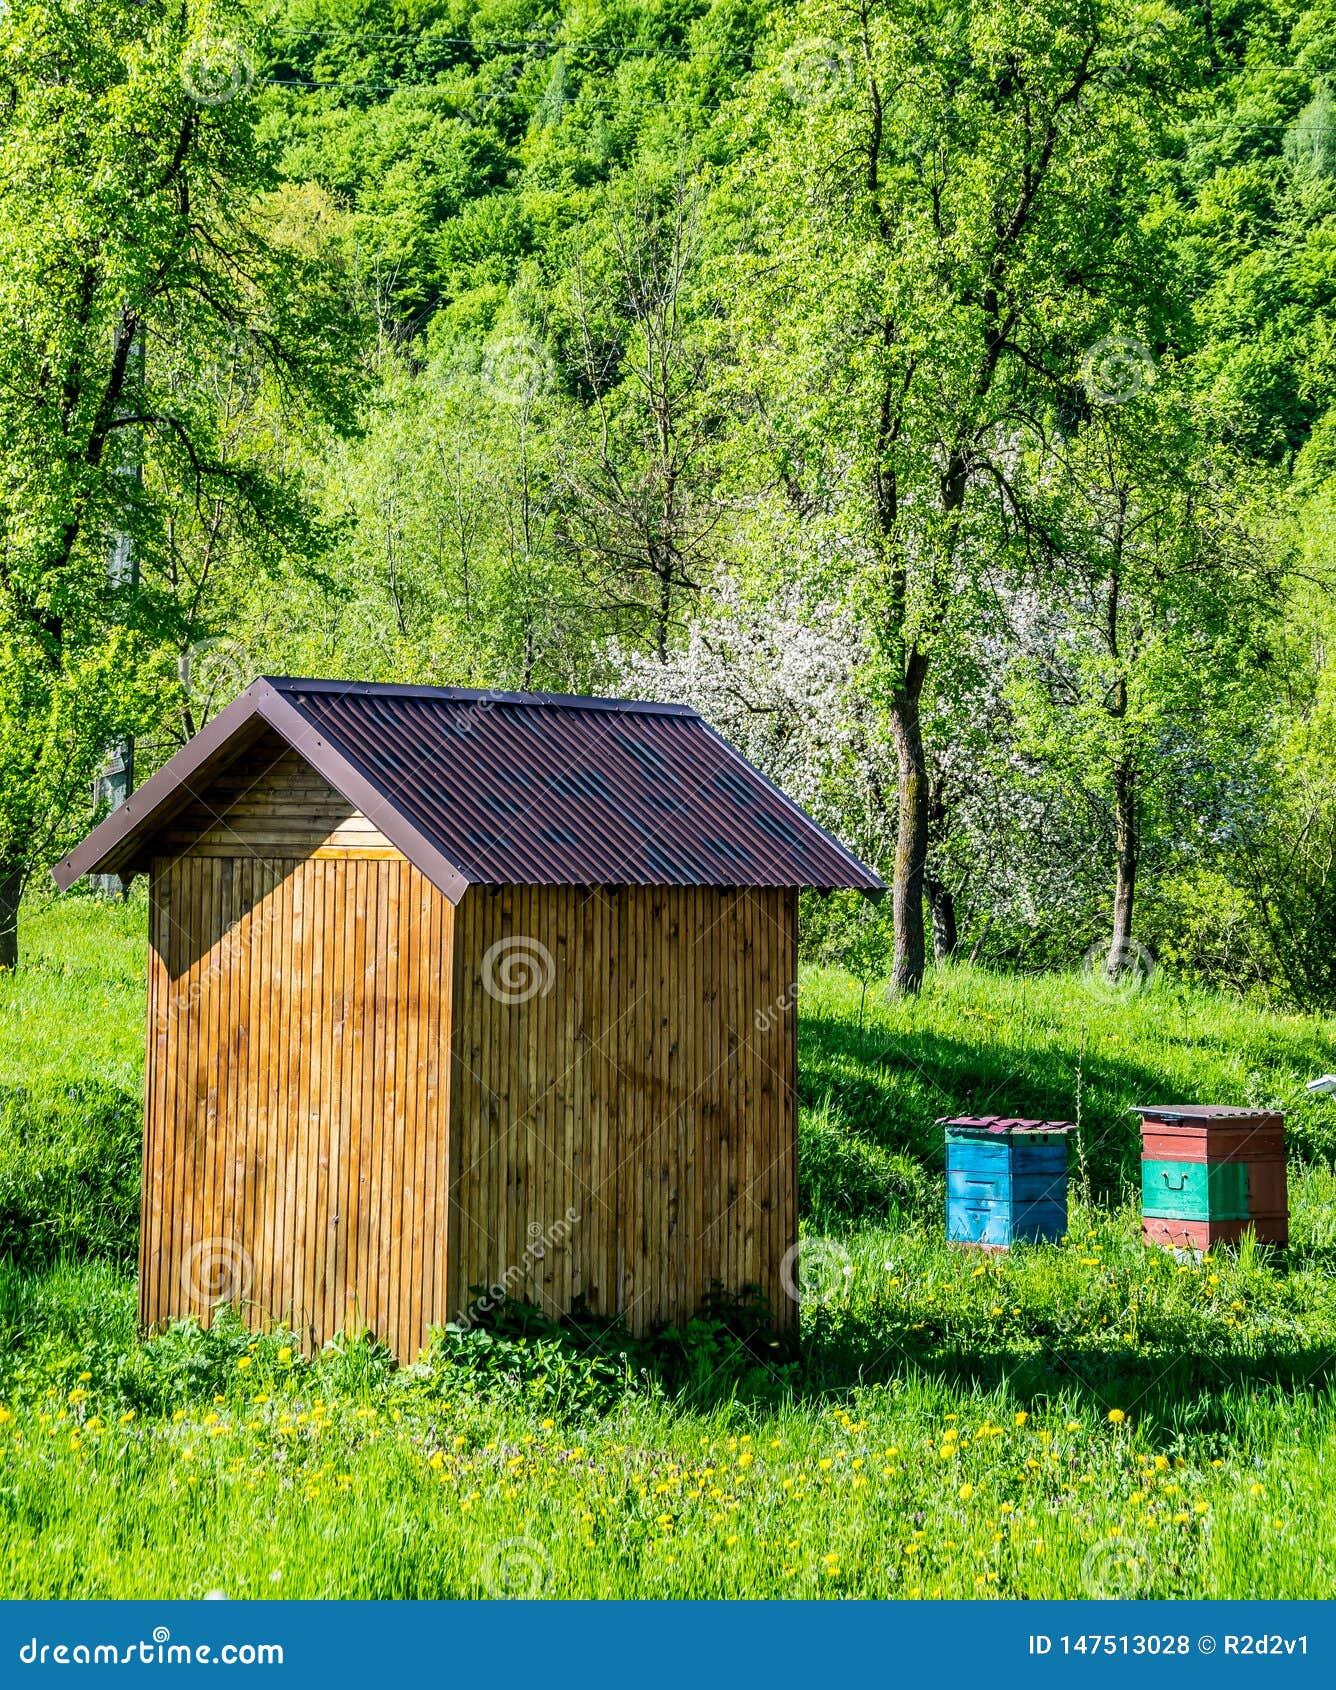 Beekeeping in the garden